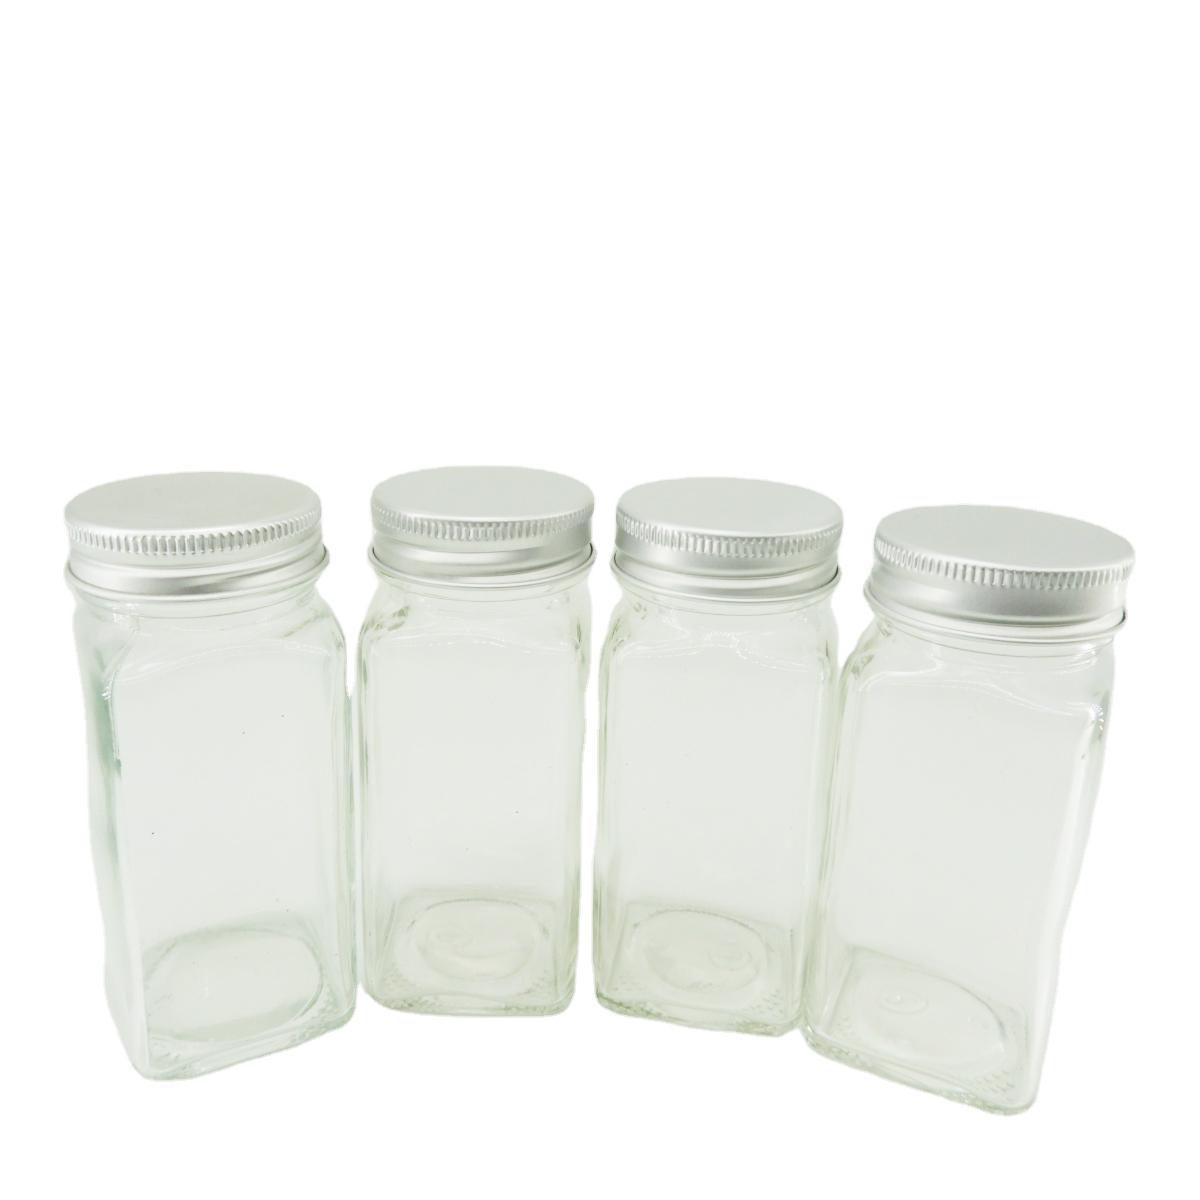 Квадратные стеклянные бутылки для специй 4 унции стеклянная банка для специй с серебряными металлическими крышками шейкер Топы Оптовая продажа банка для приправ